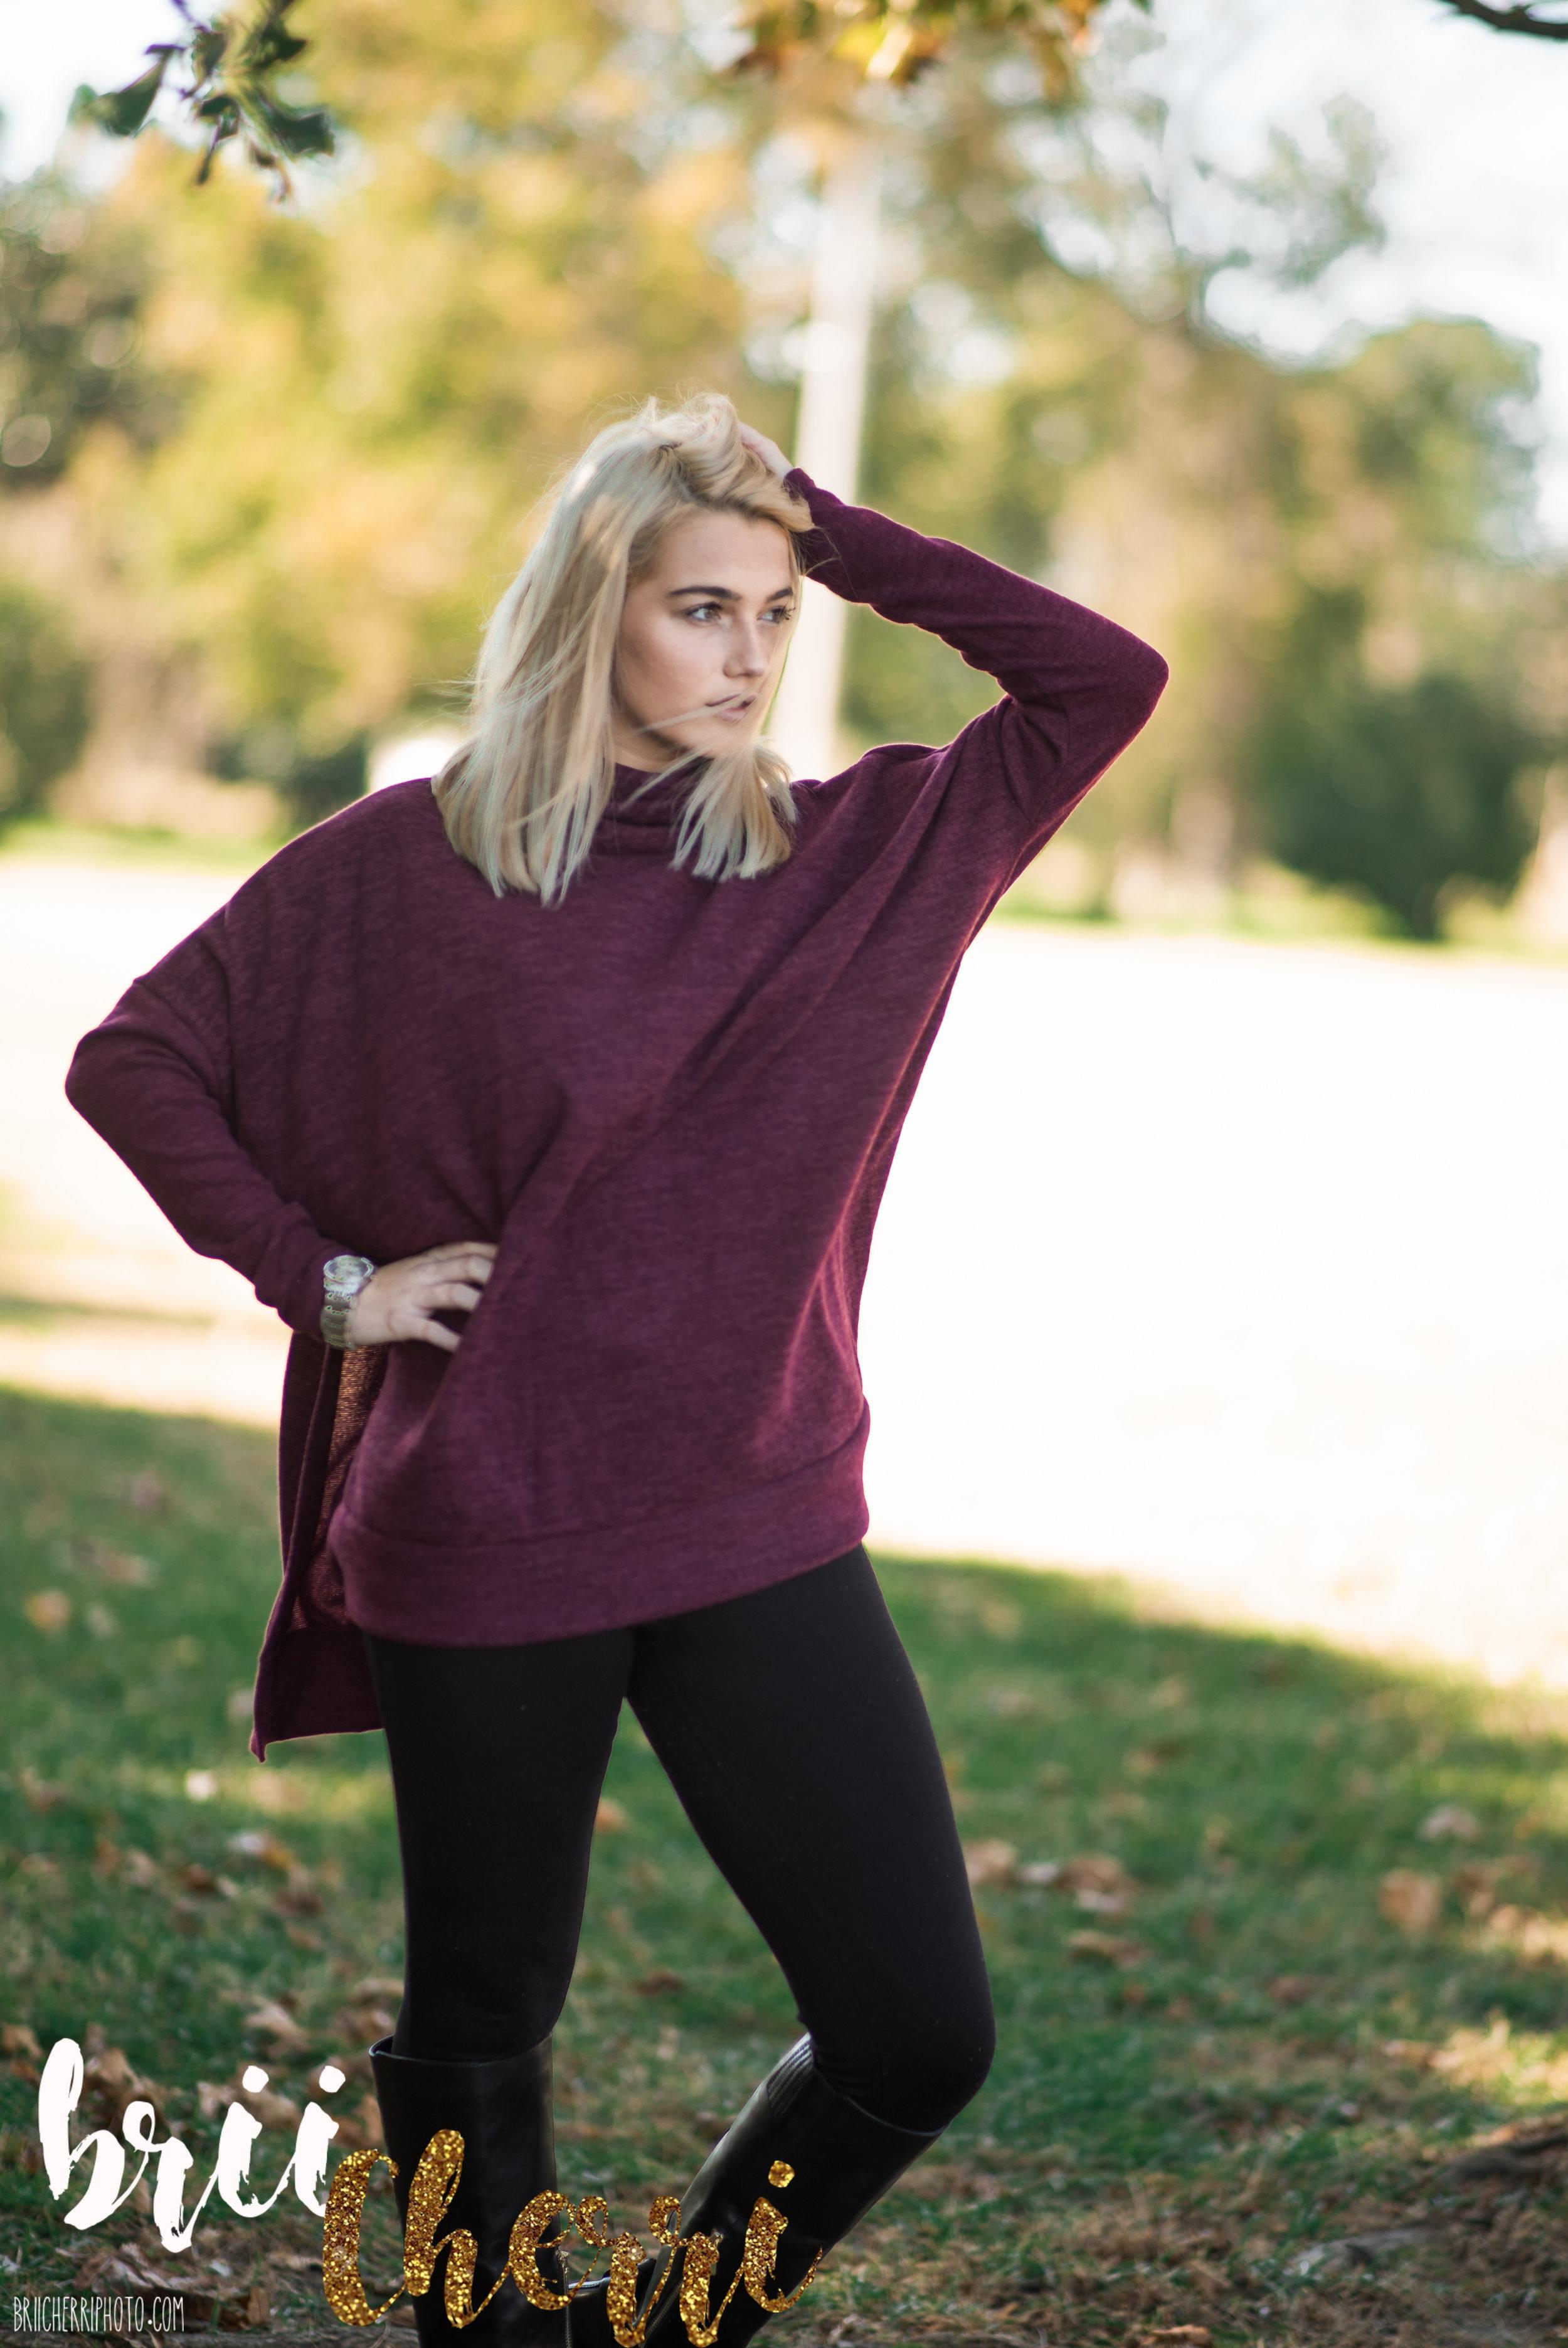 Downtown Diva Fashion Boutique Edenton NC trendy clothing women